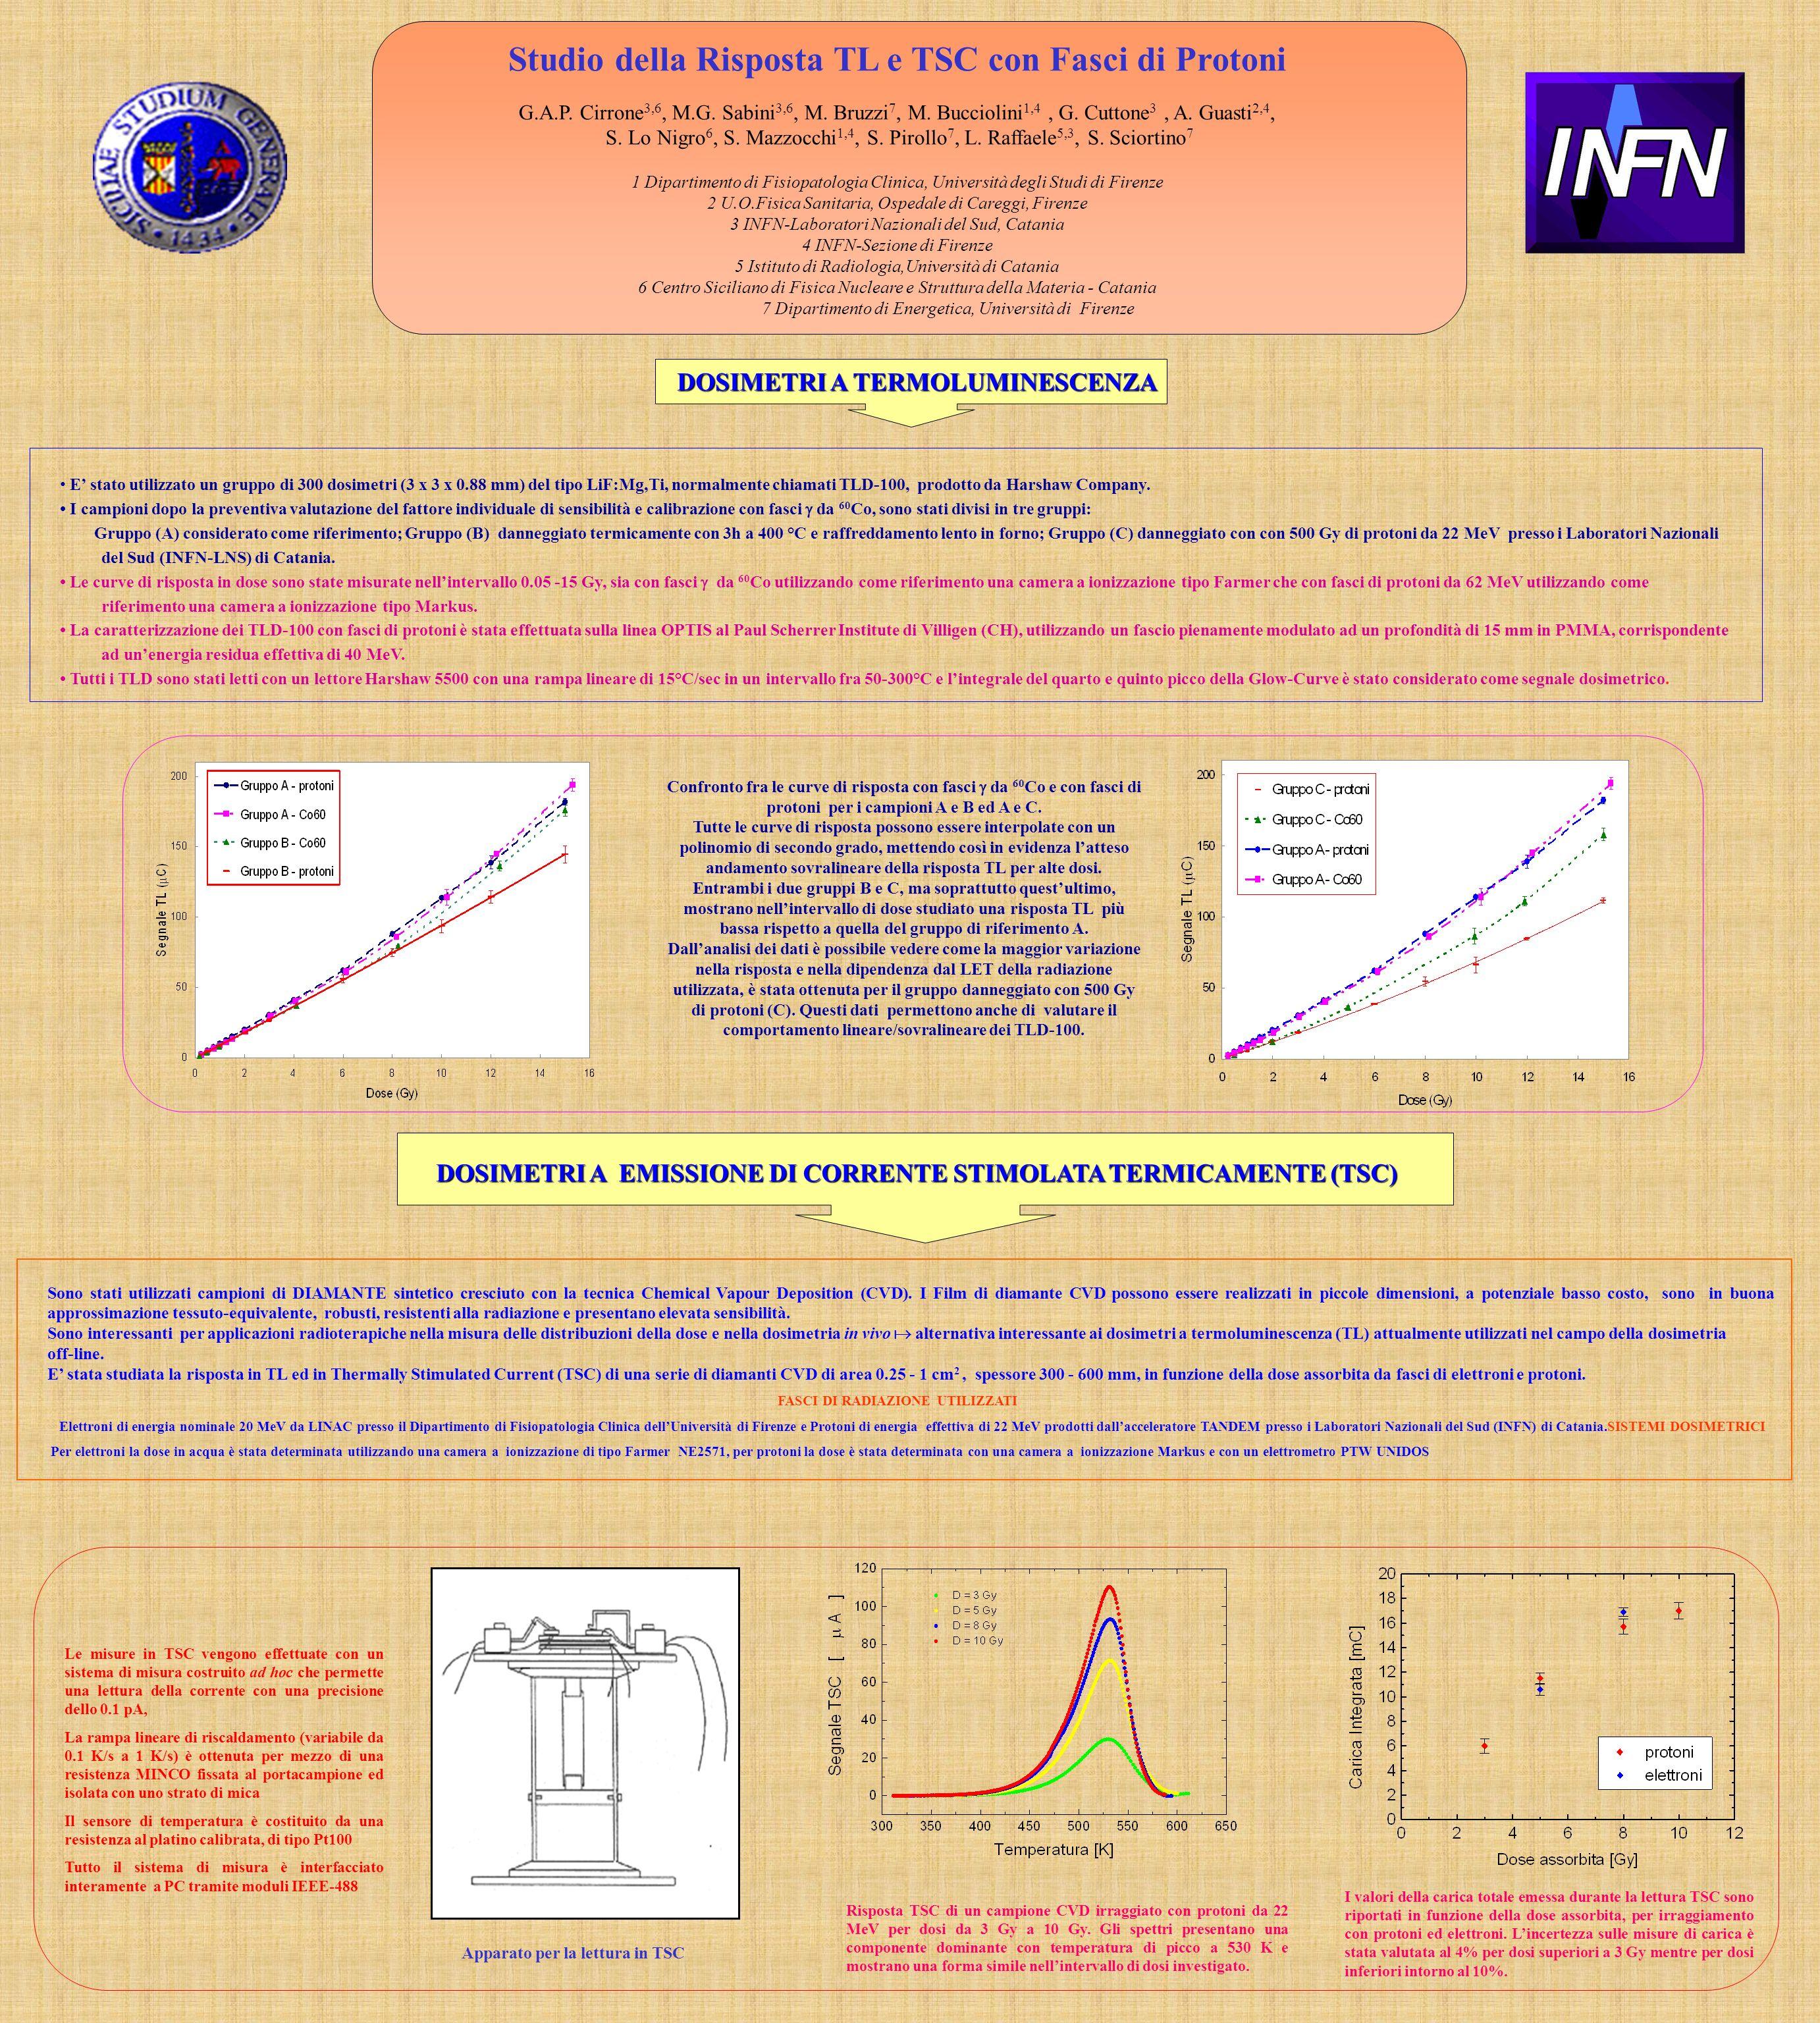 Studio della Risposta TL e TSC con Fasci di Protoni